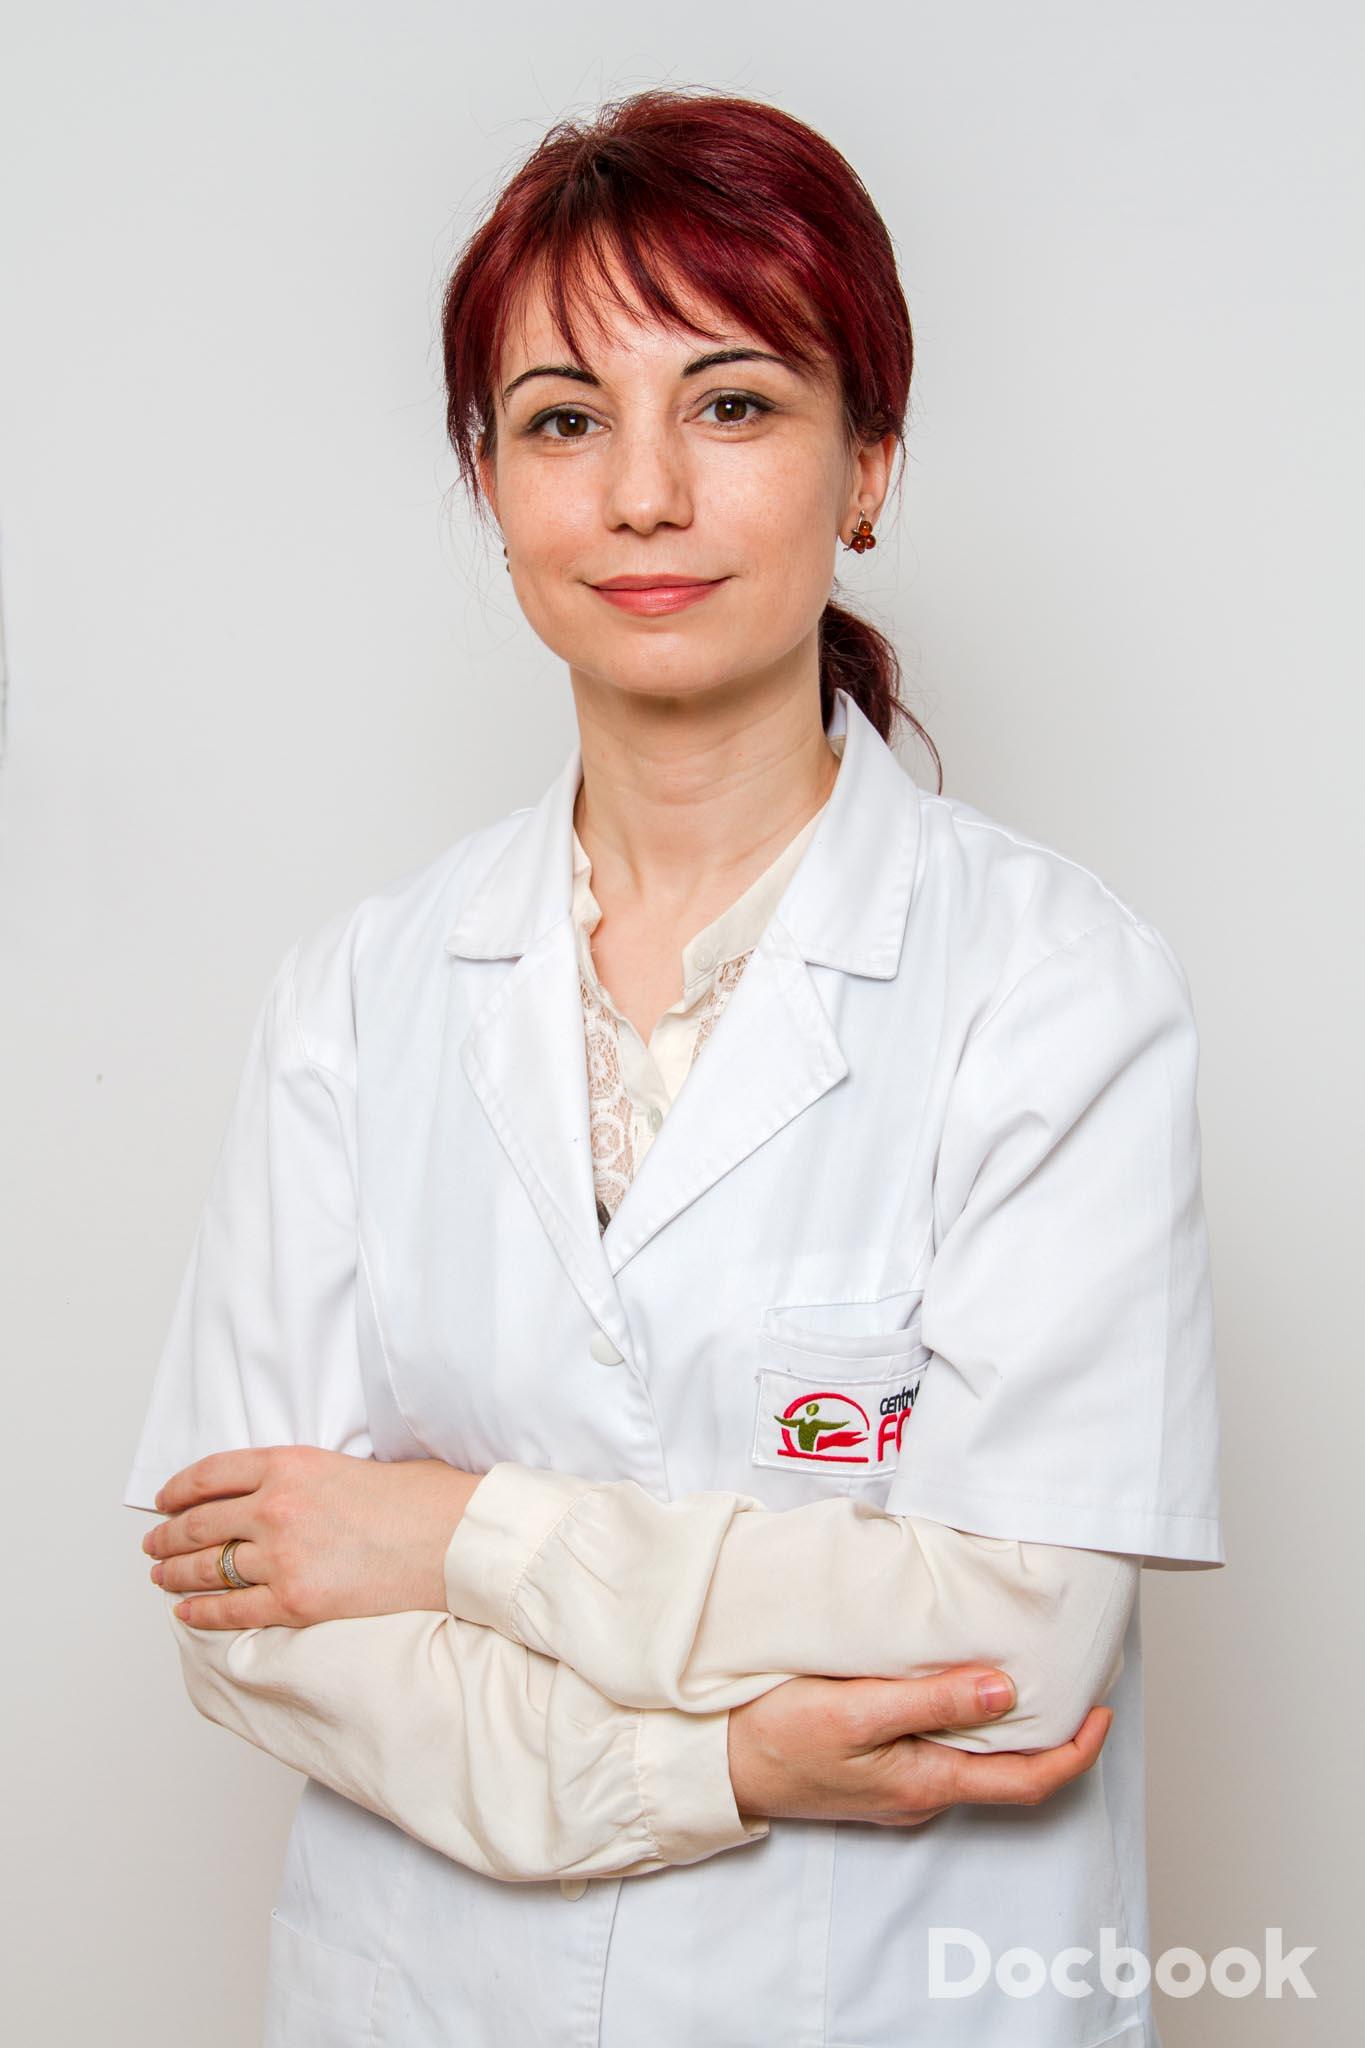 Dr. Ingrid Iordan